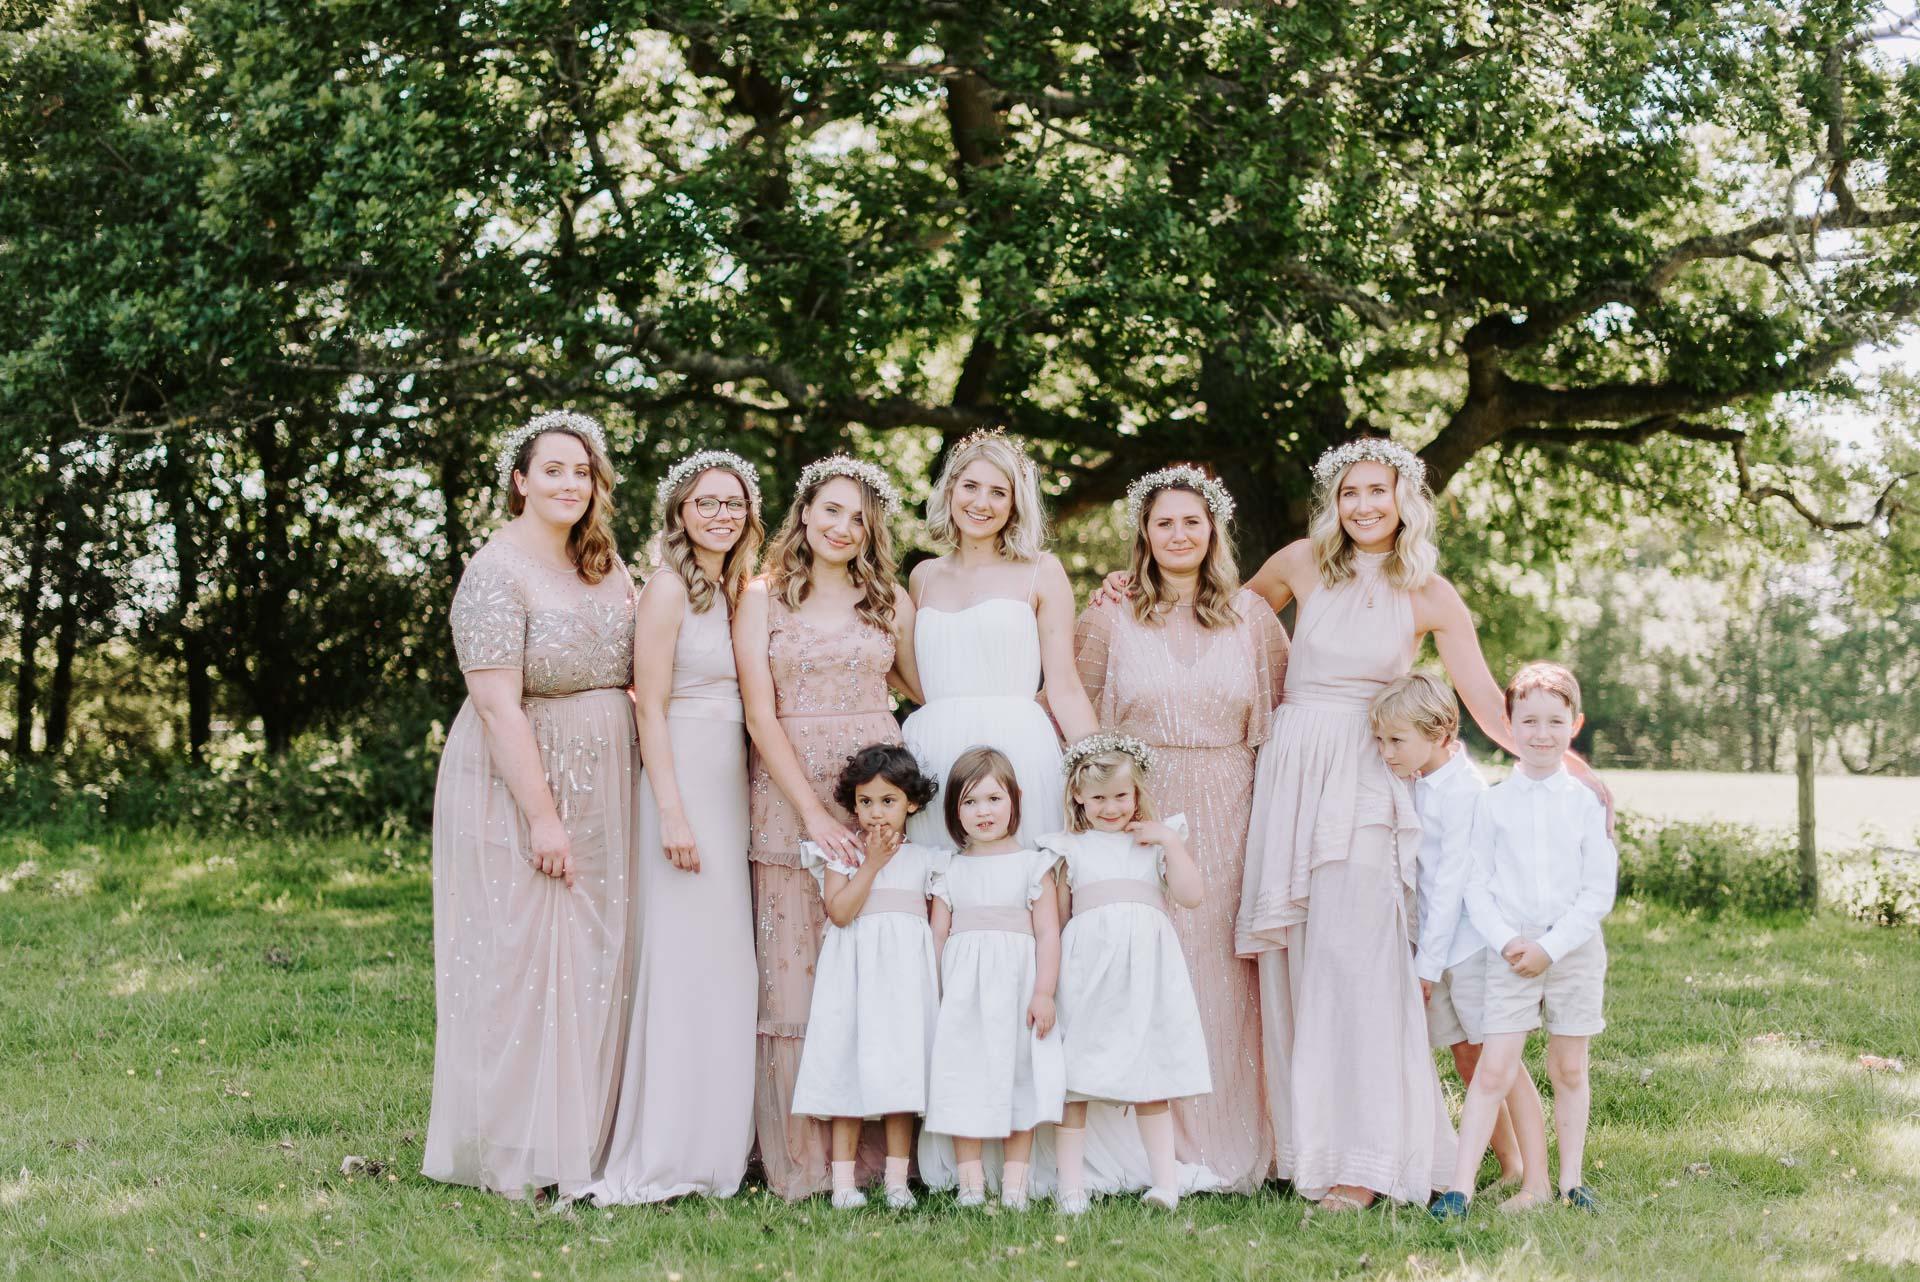 Henny_Jamie_East Sussex_Wedding_45.jpg